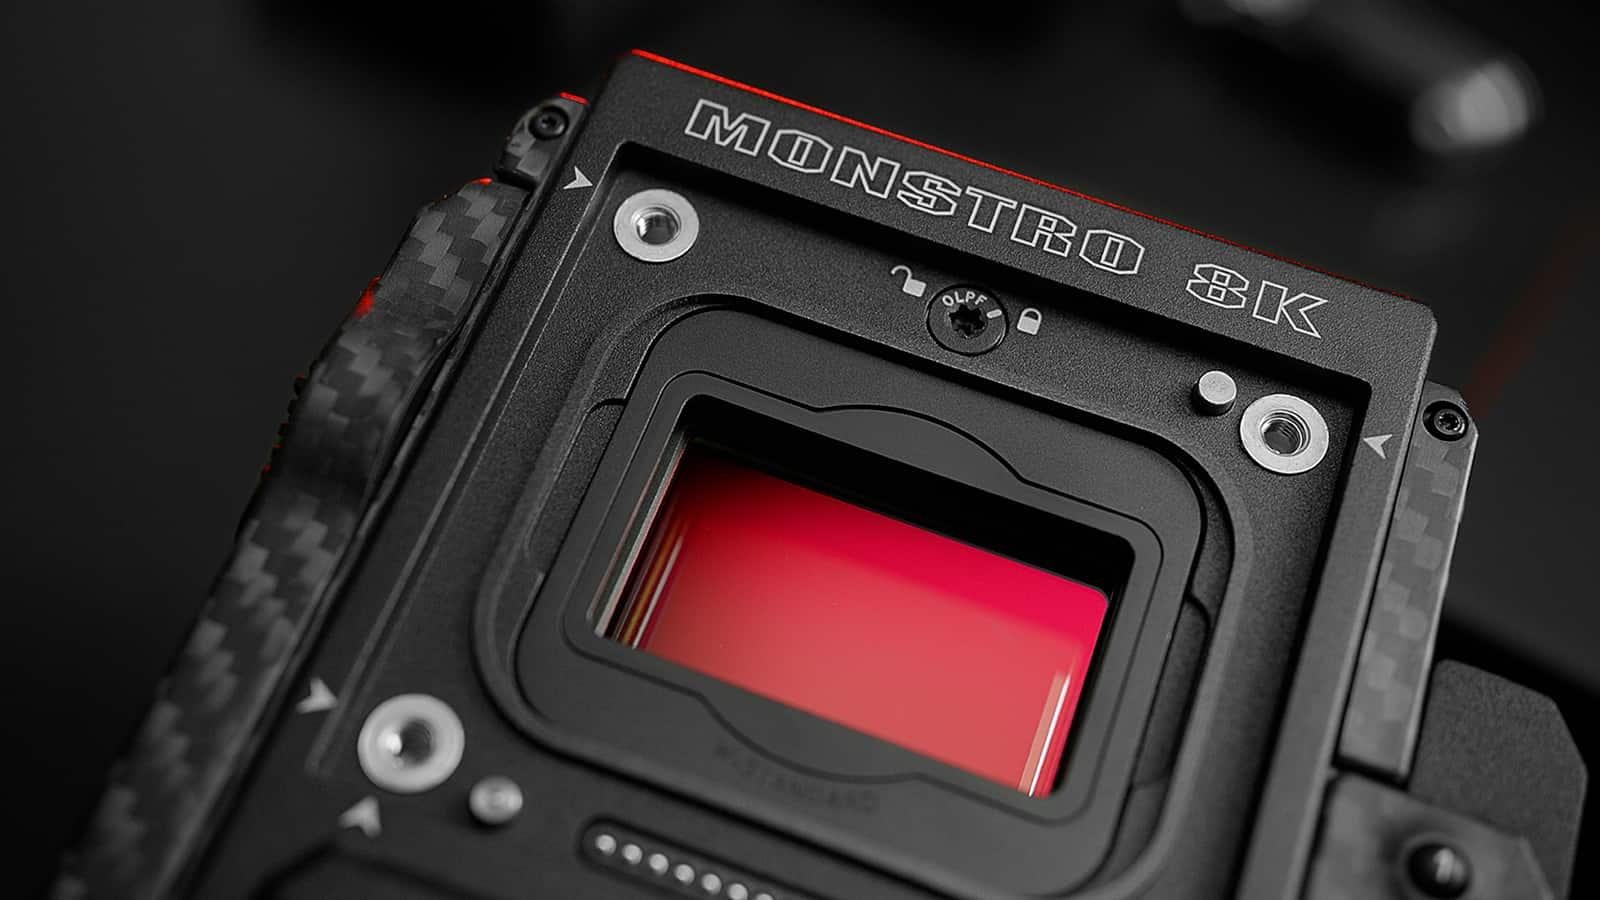 red-announces-monstro-8k-full-frame-sensor